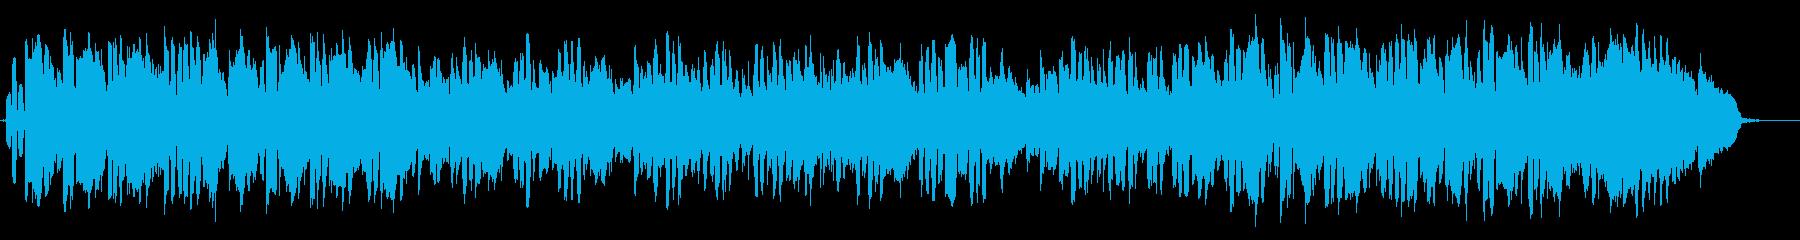 ハーモニカ生演奏哀愁漂うロックバラードの再生済みの波形